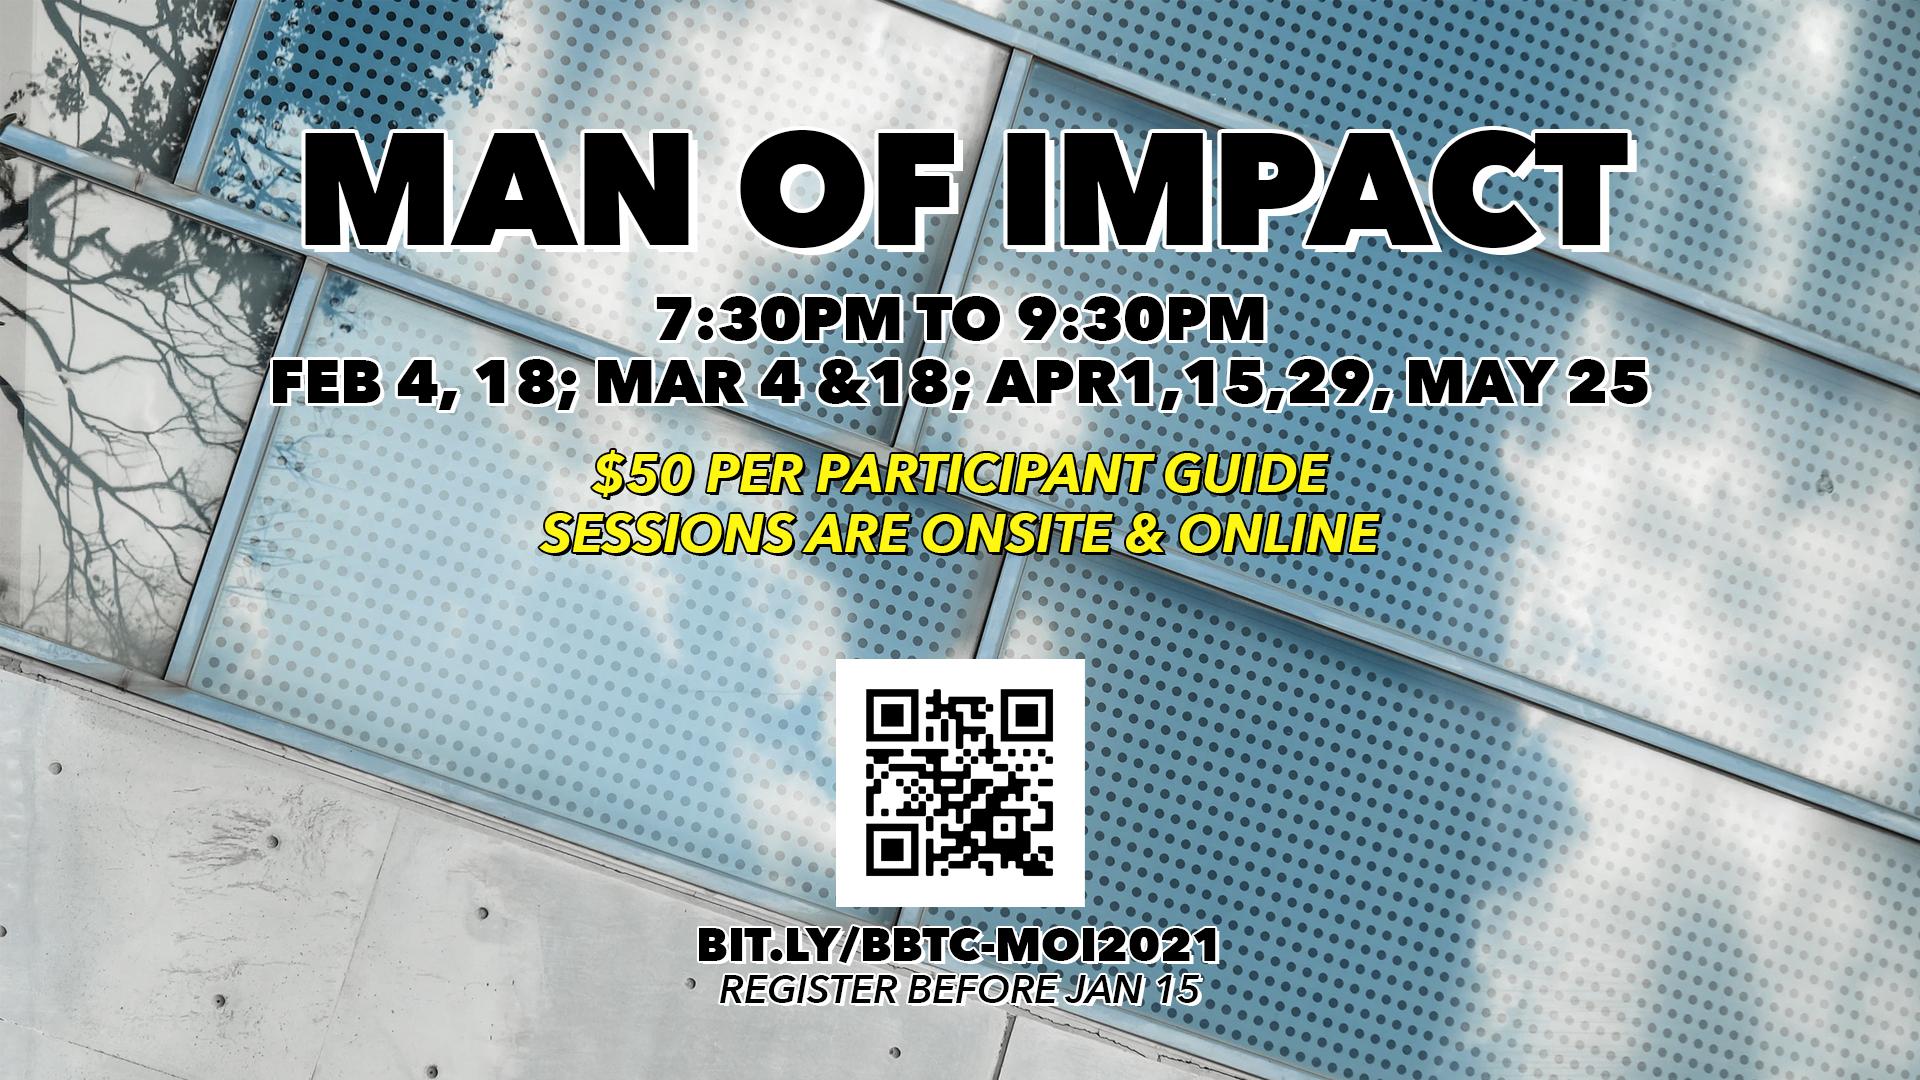 Man Of Impact 2021